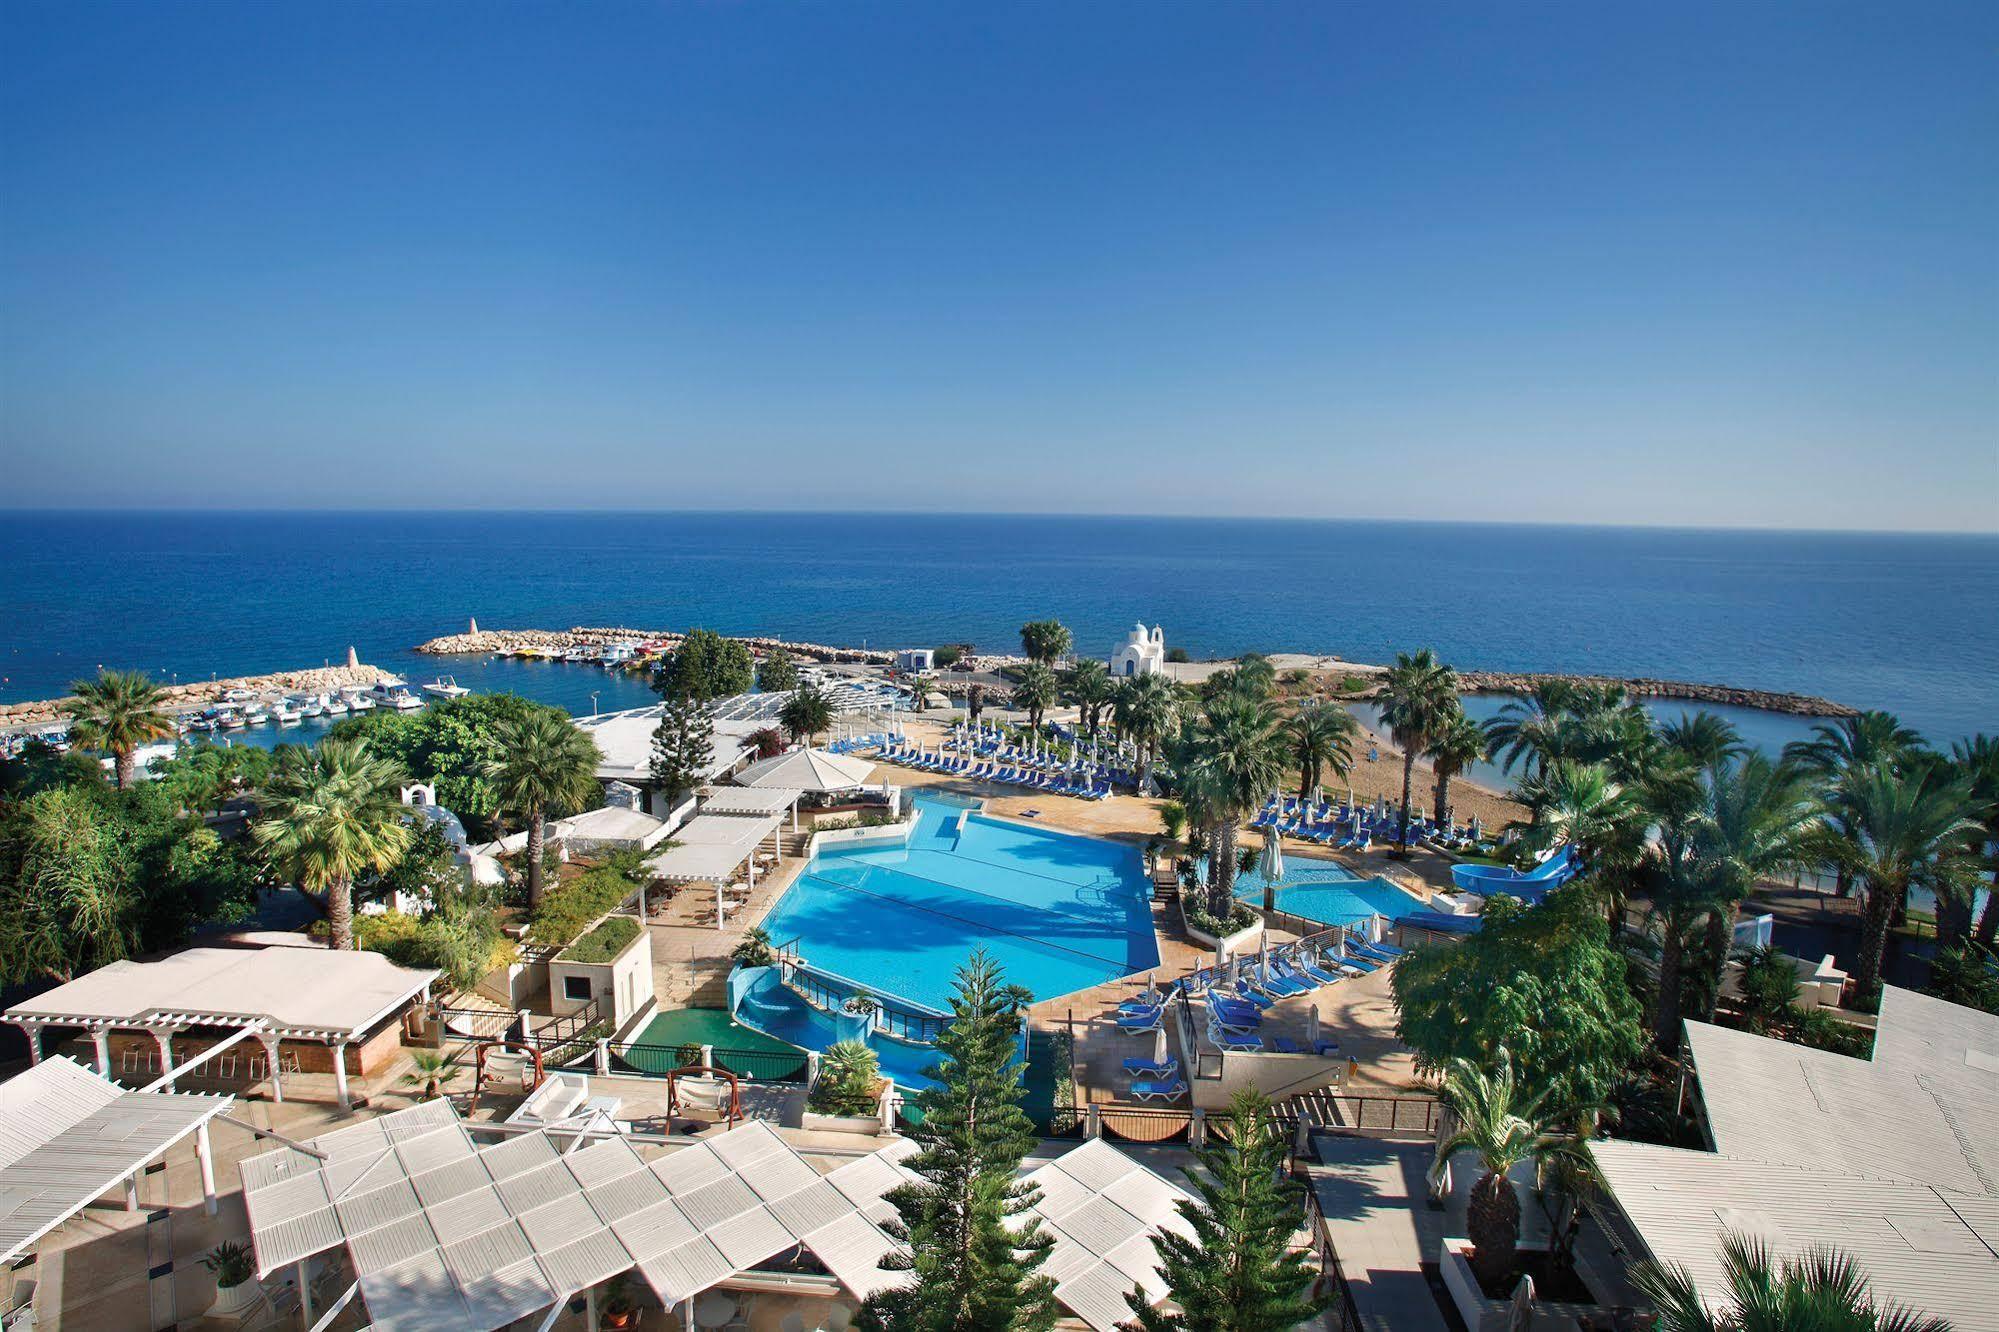 CYPR - LATO 2021: Golden Coast Beach Hotel****, 8 dni (21-28.04.2021 r.), all inclusive: 2498,00 PLN/os. dorosła